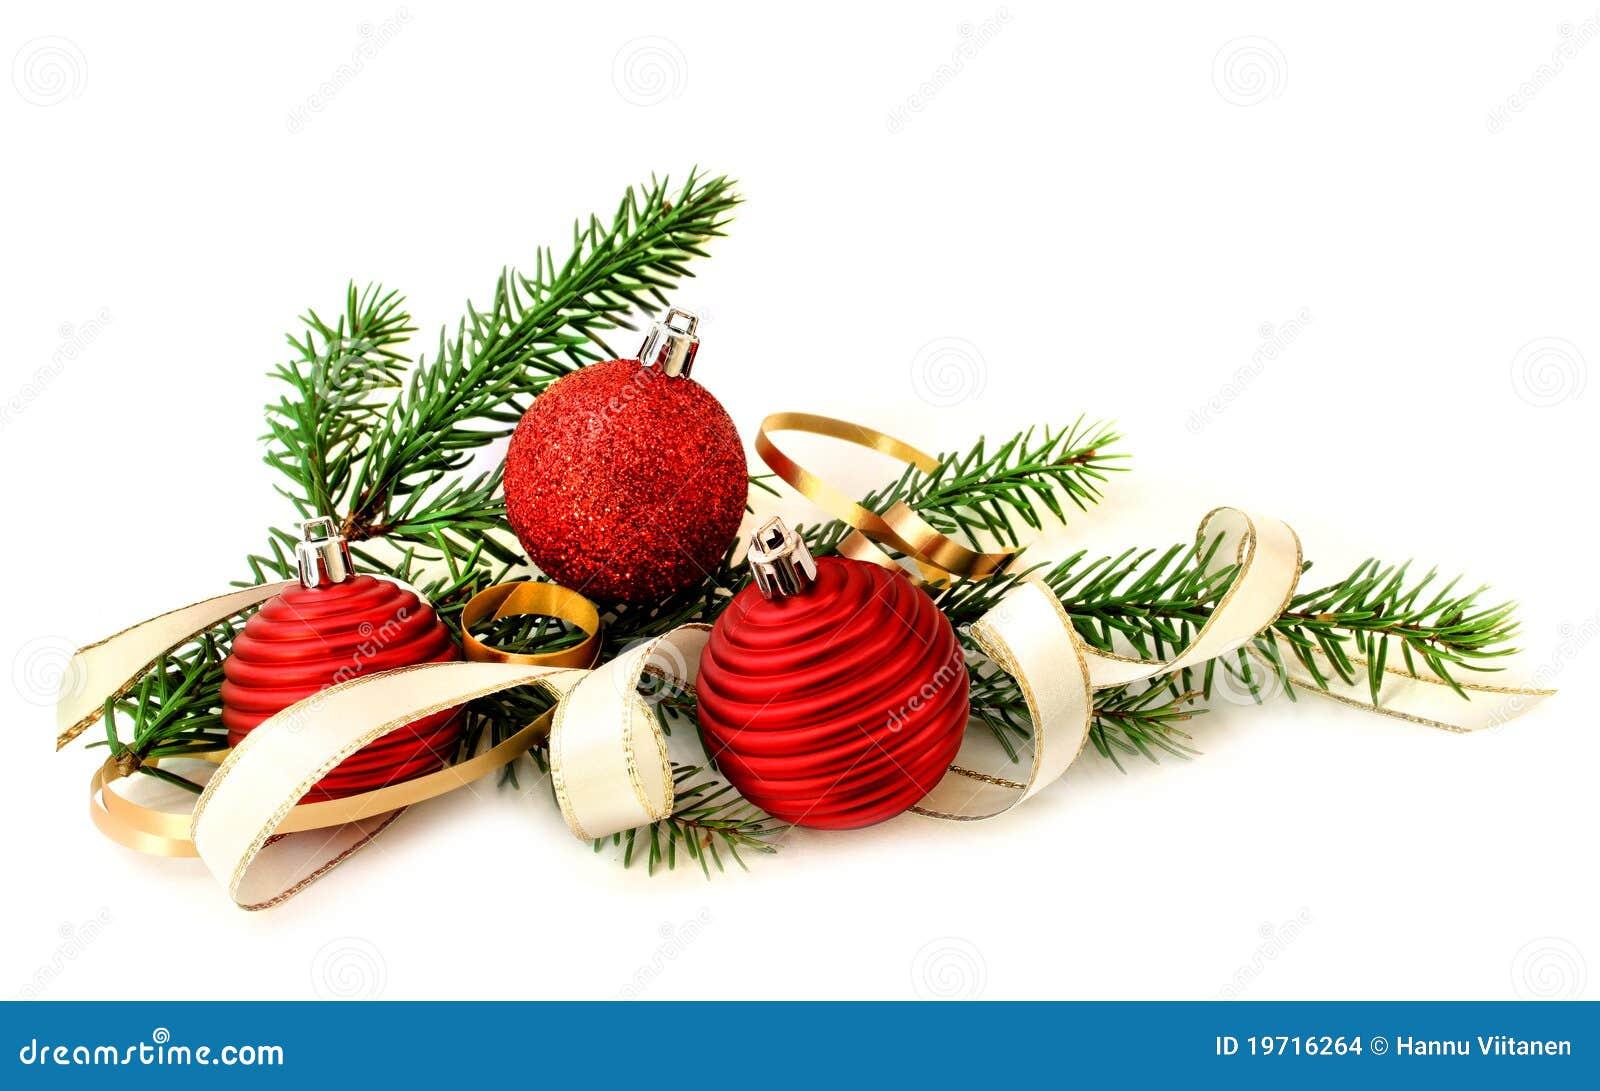 Rote weihnachtskugeln und gr ner zweig stockfoto bild for Weihnachtskugeln bilder